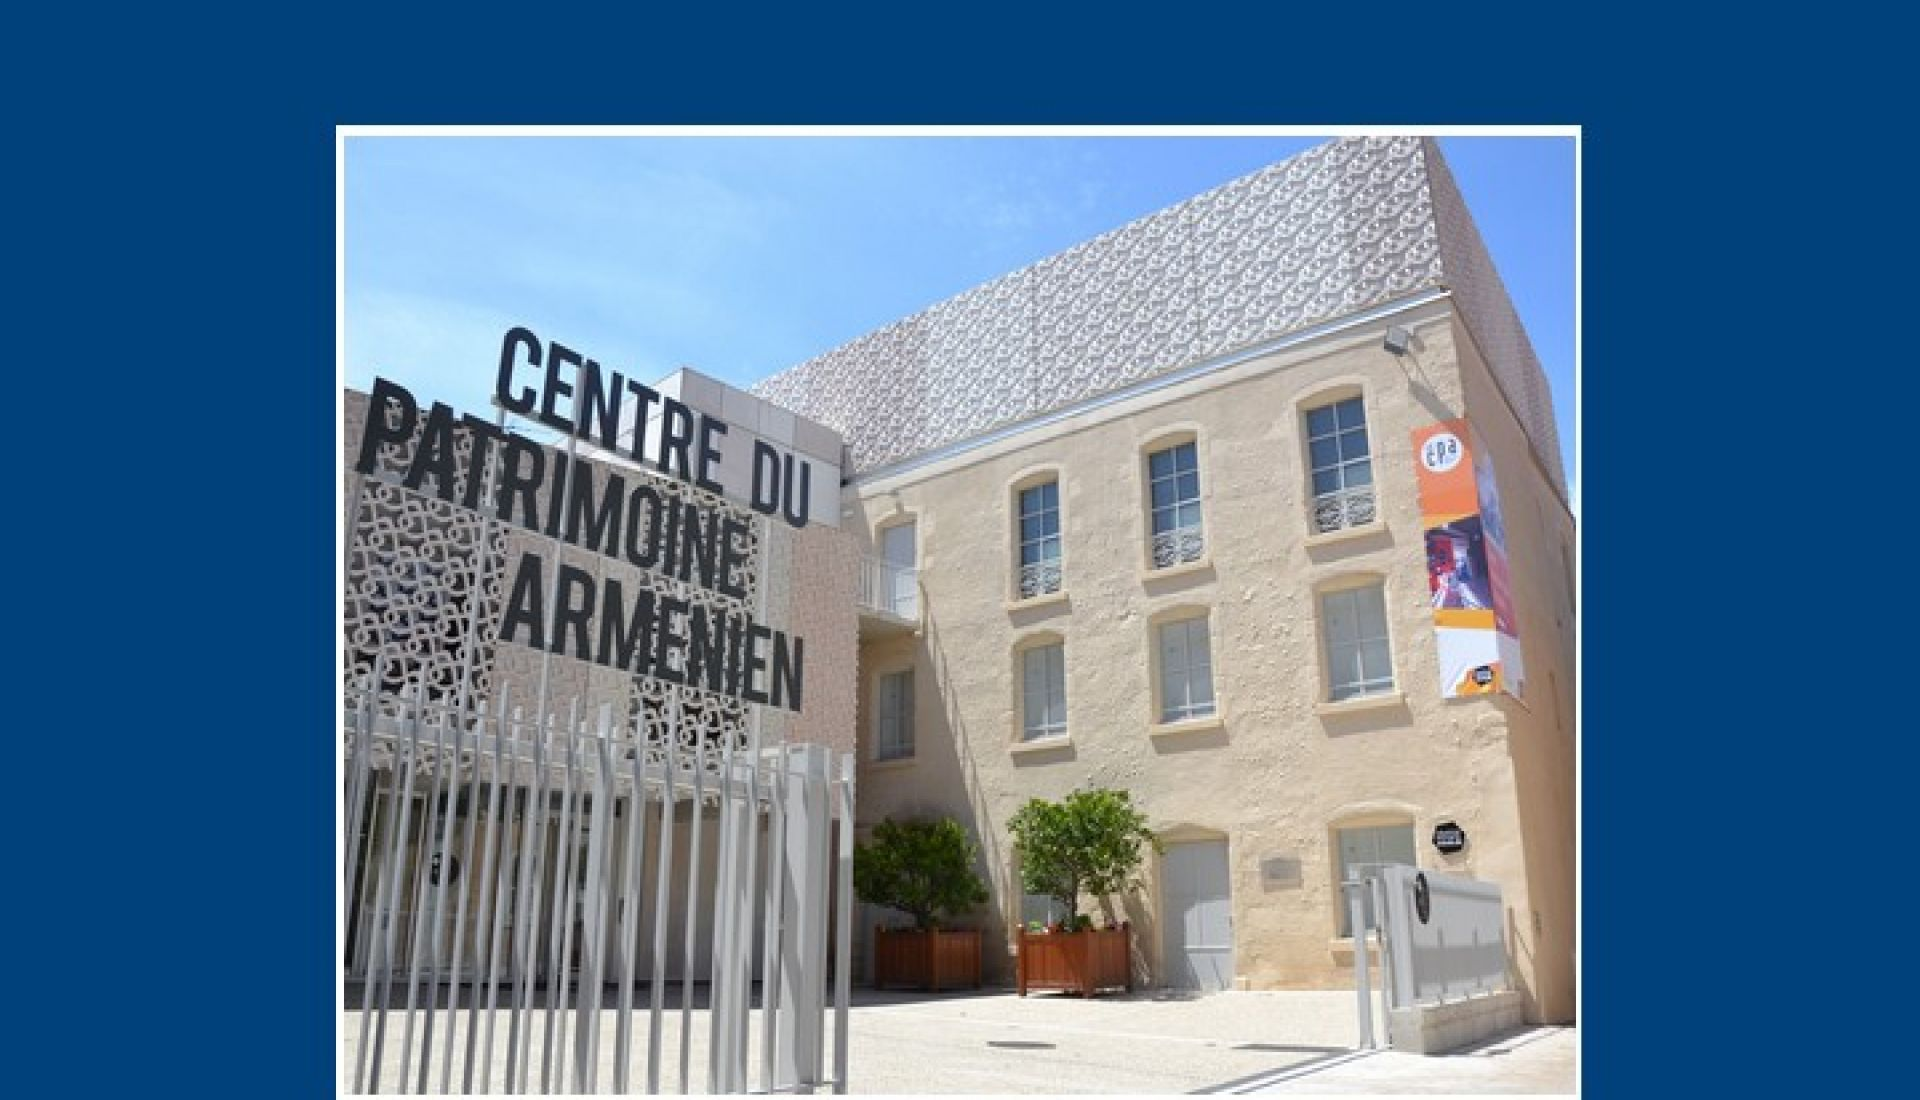 Visite du quartier Arménien de Valence et du Centre du Patrimoine Arménien